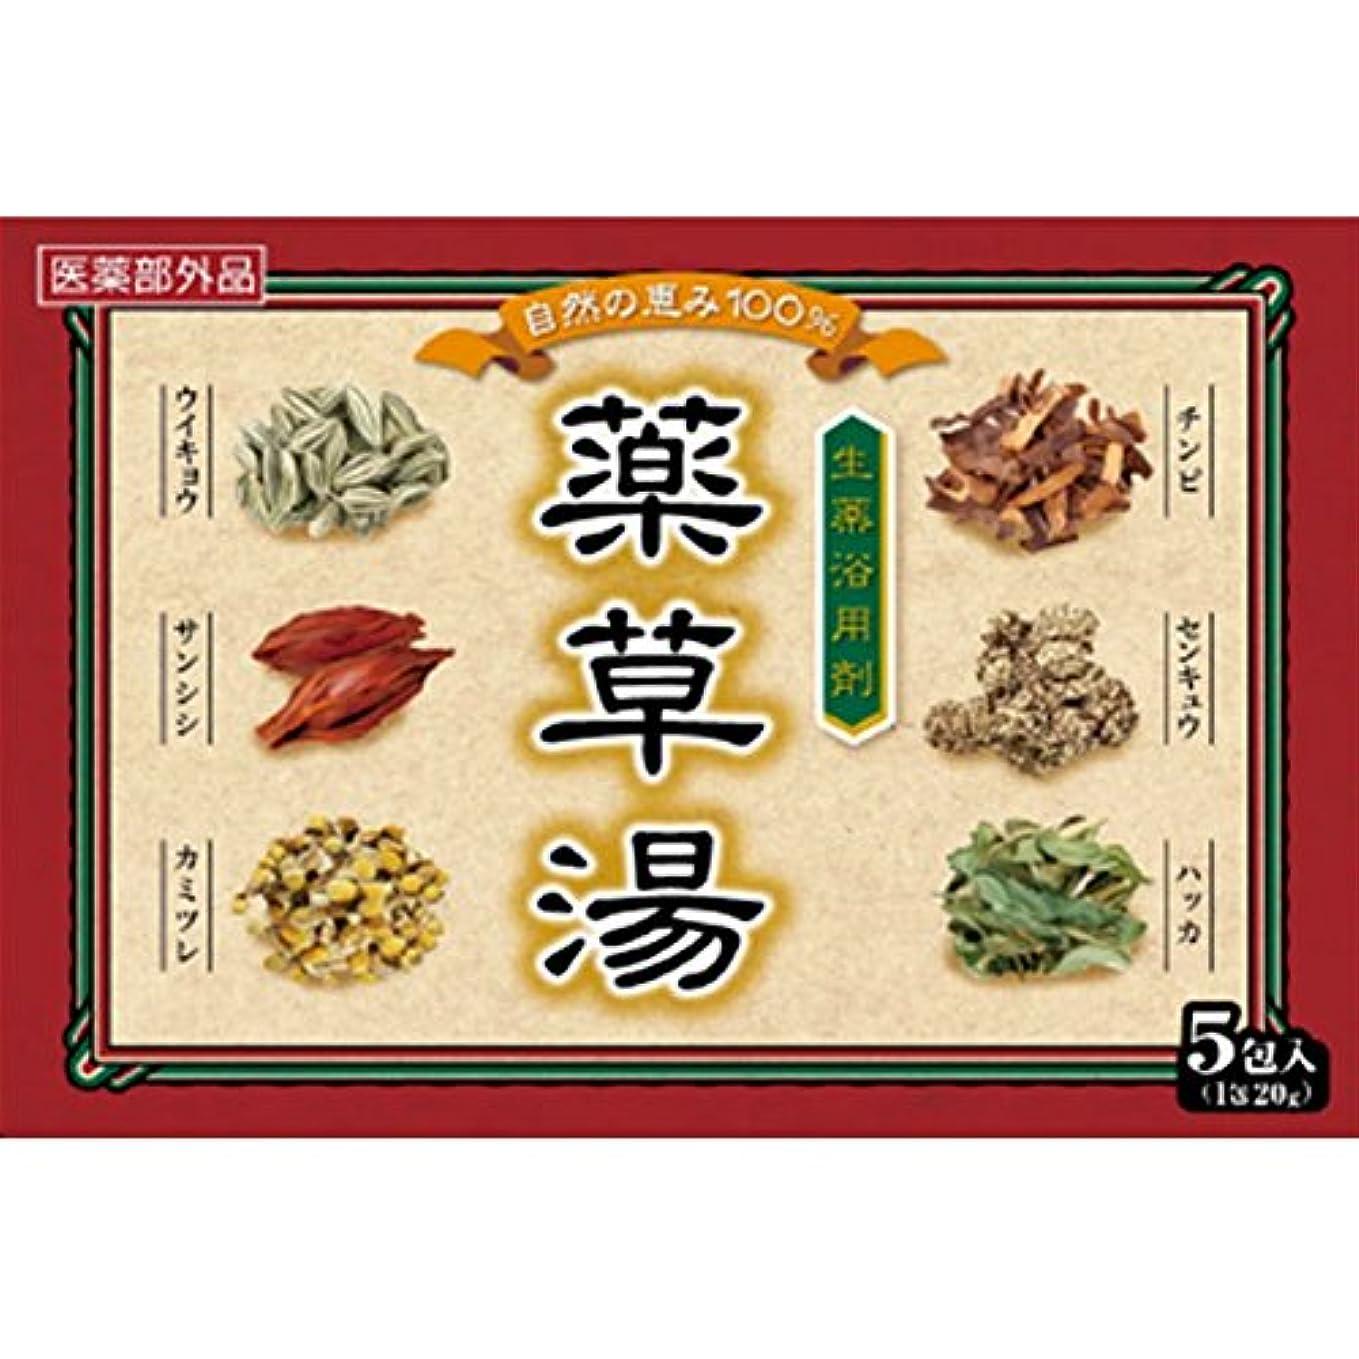 地味なデュアル脱獄生薬浴用剤 薬草湯5包×10